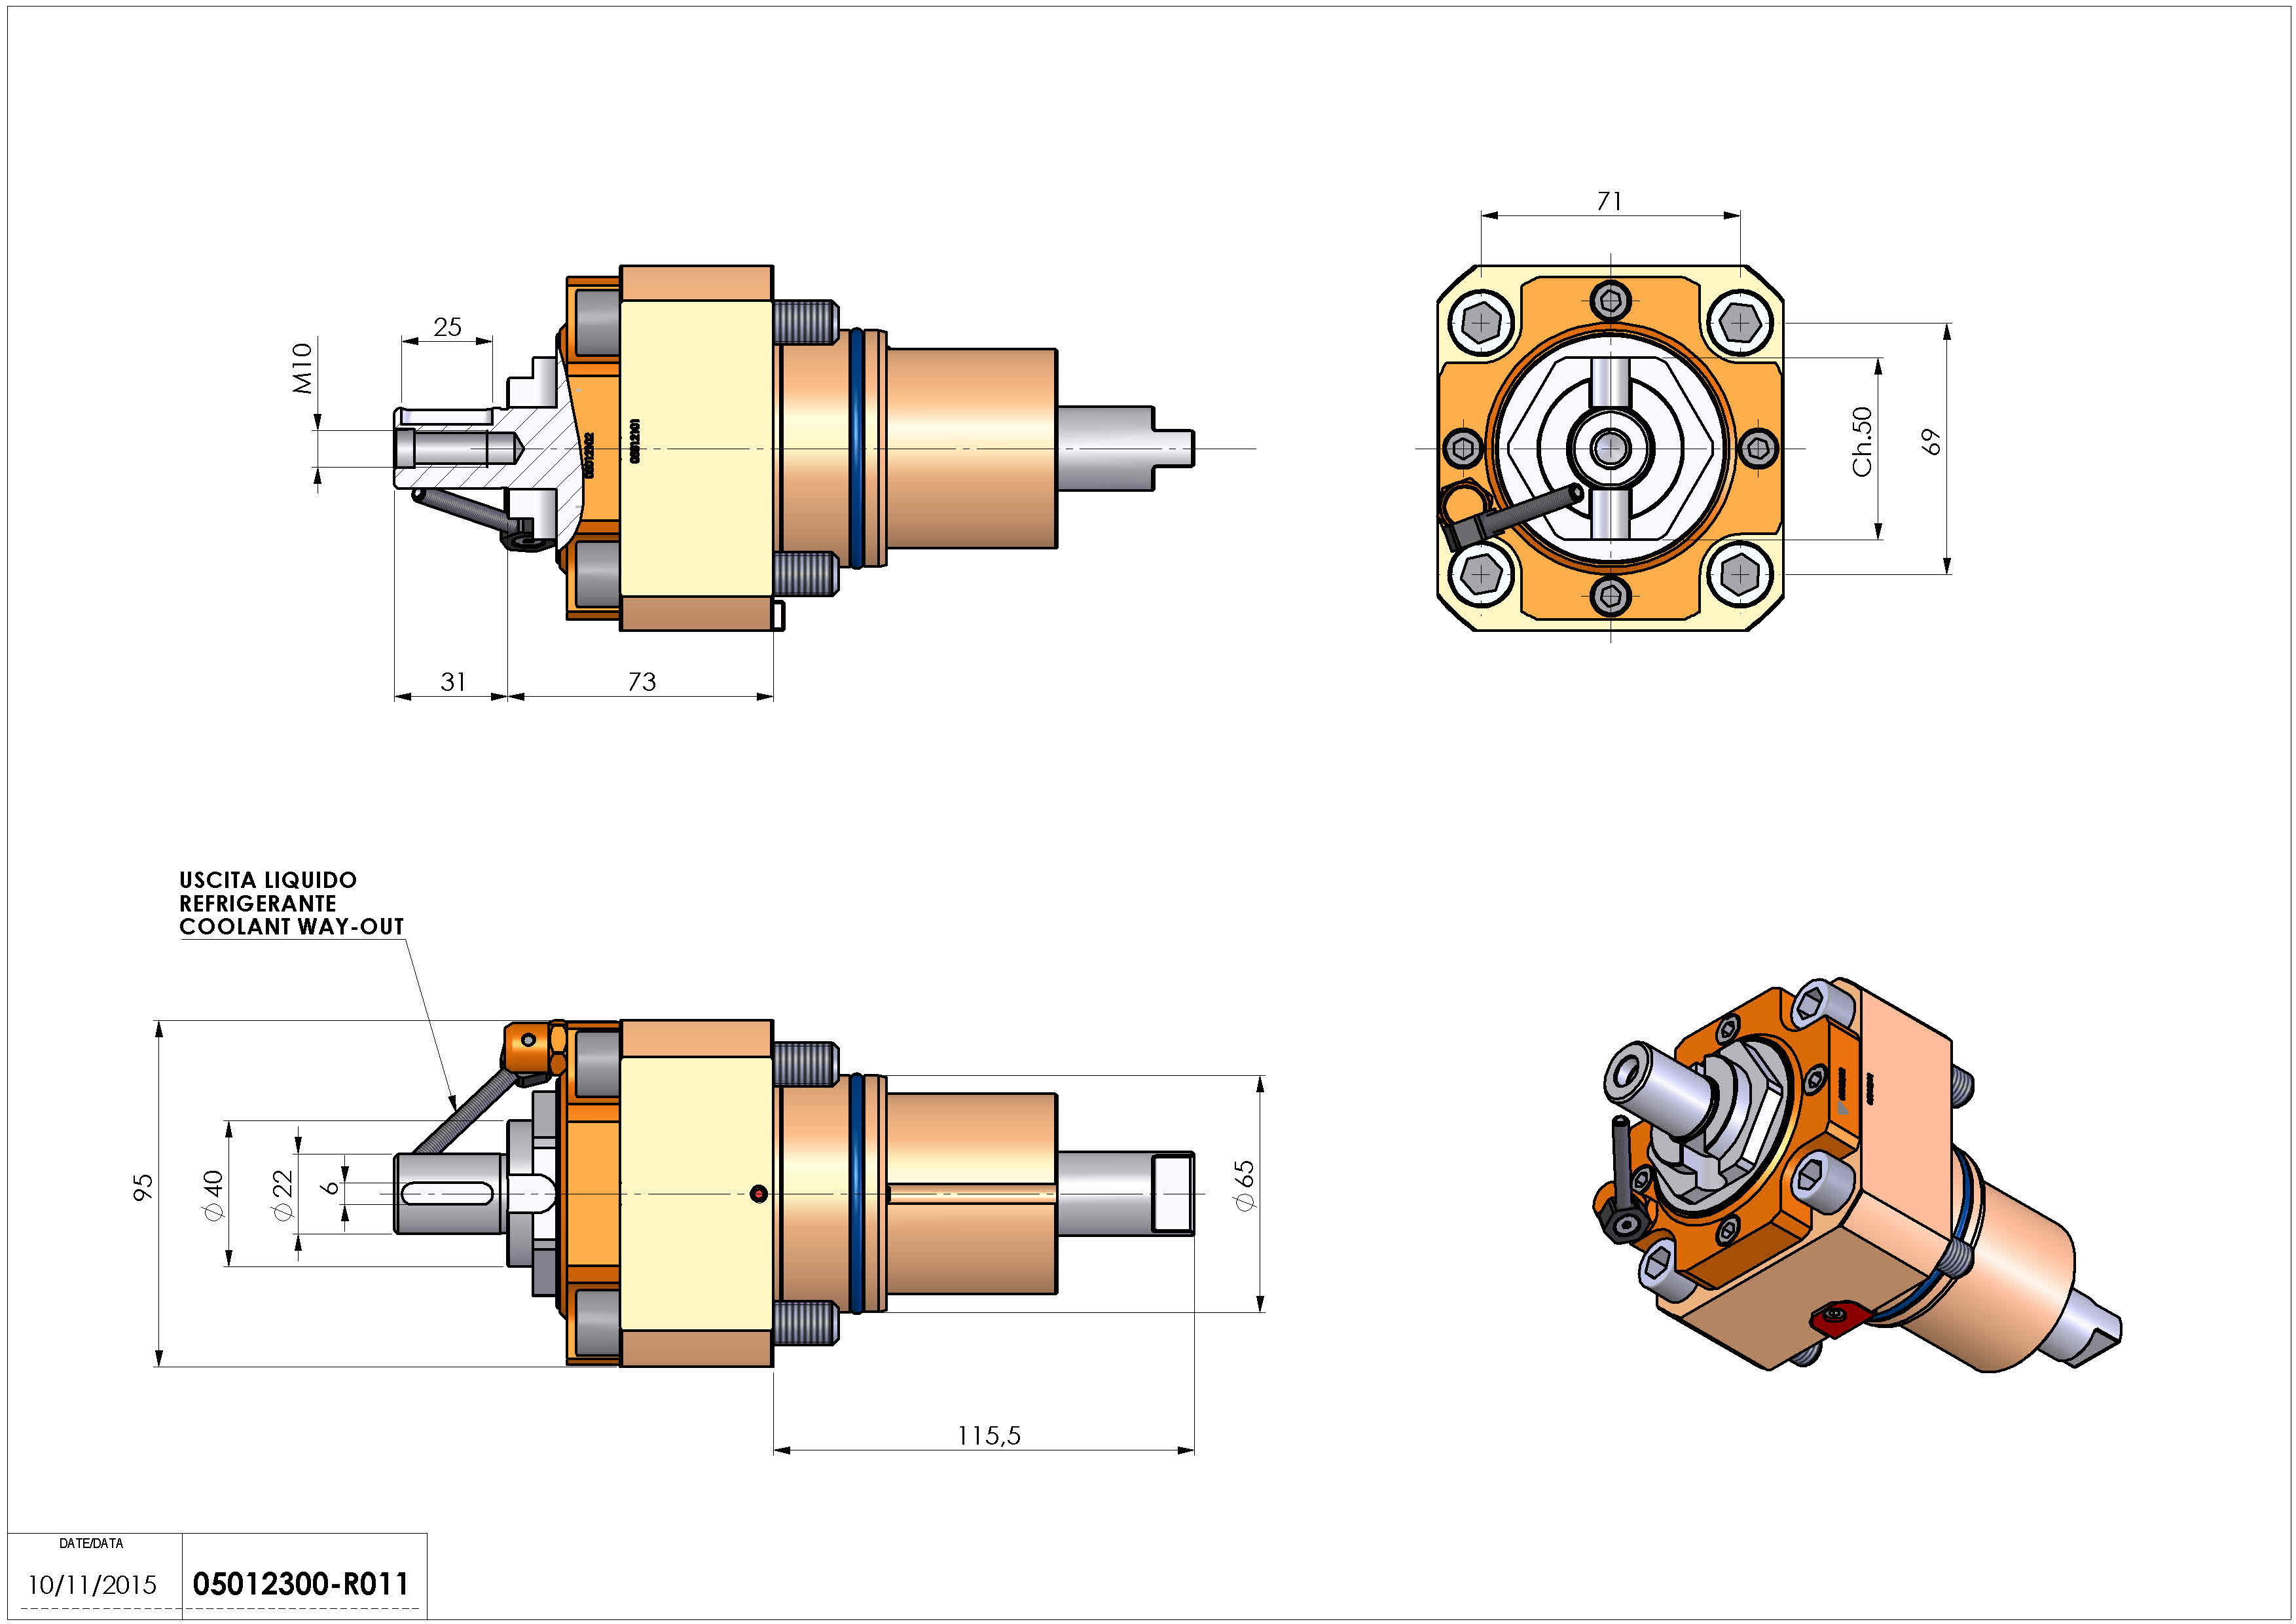 Technical image - LT-S D65 DIN138-22 H73 NK.